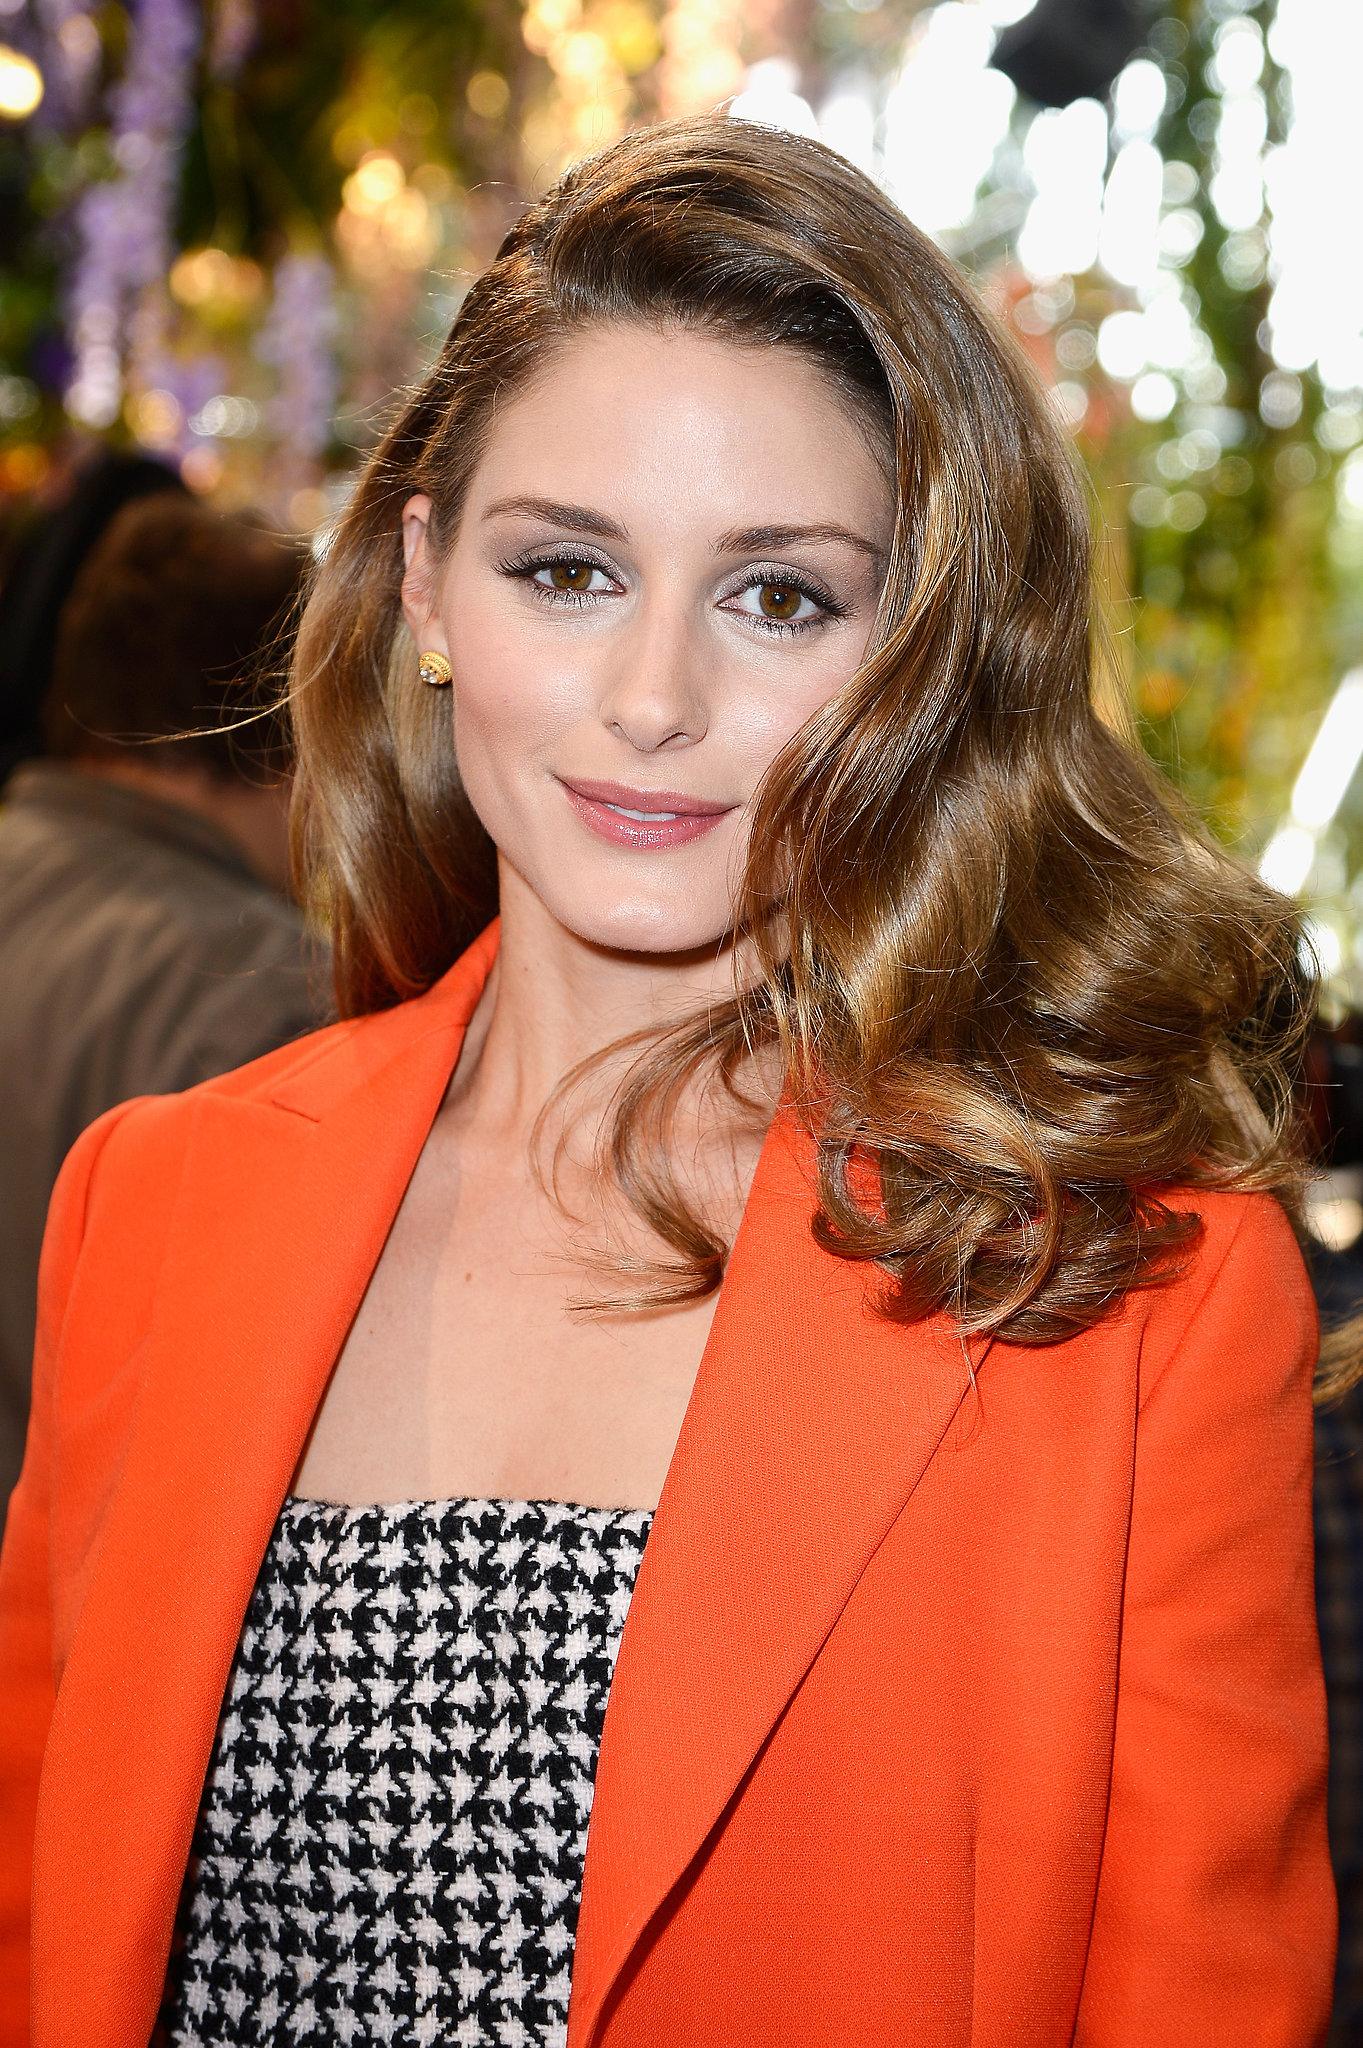 Olivia Palermo at Christian Dior Spring 2014.